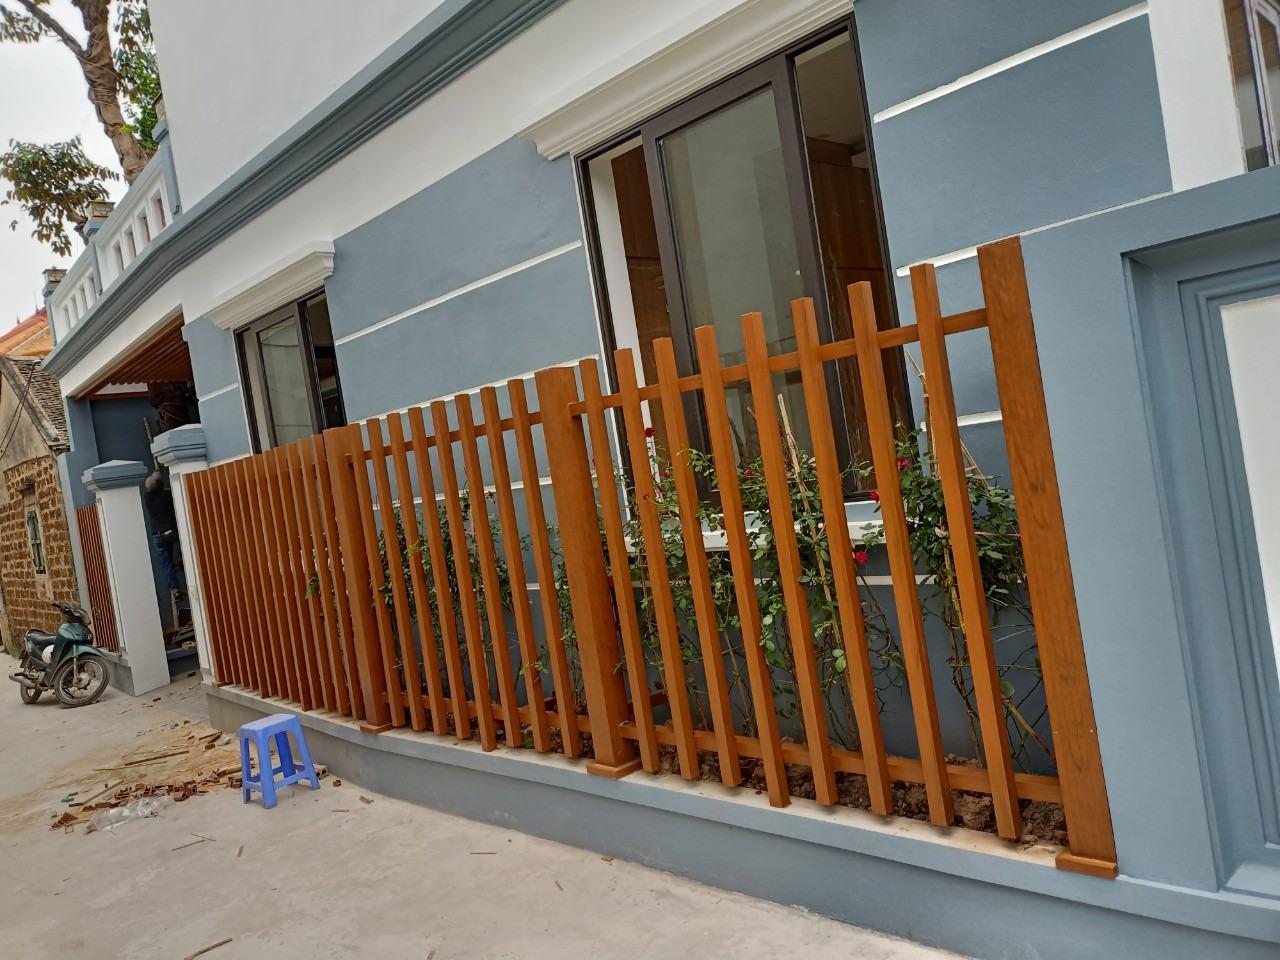 Thanh lam gỗ nhựa composite làm hàng rào